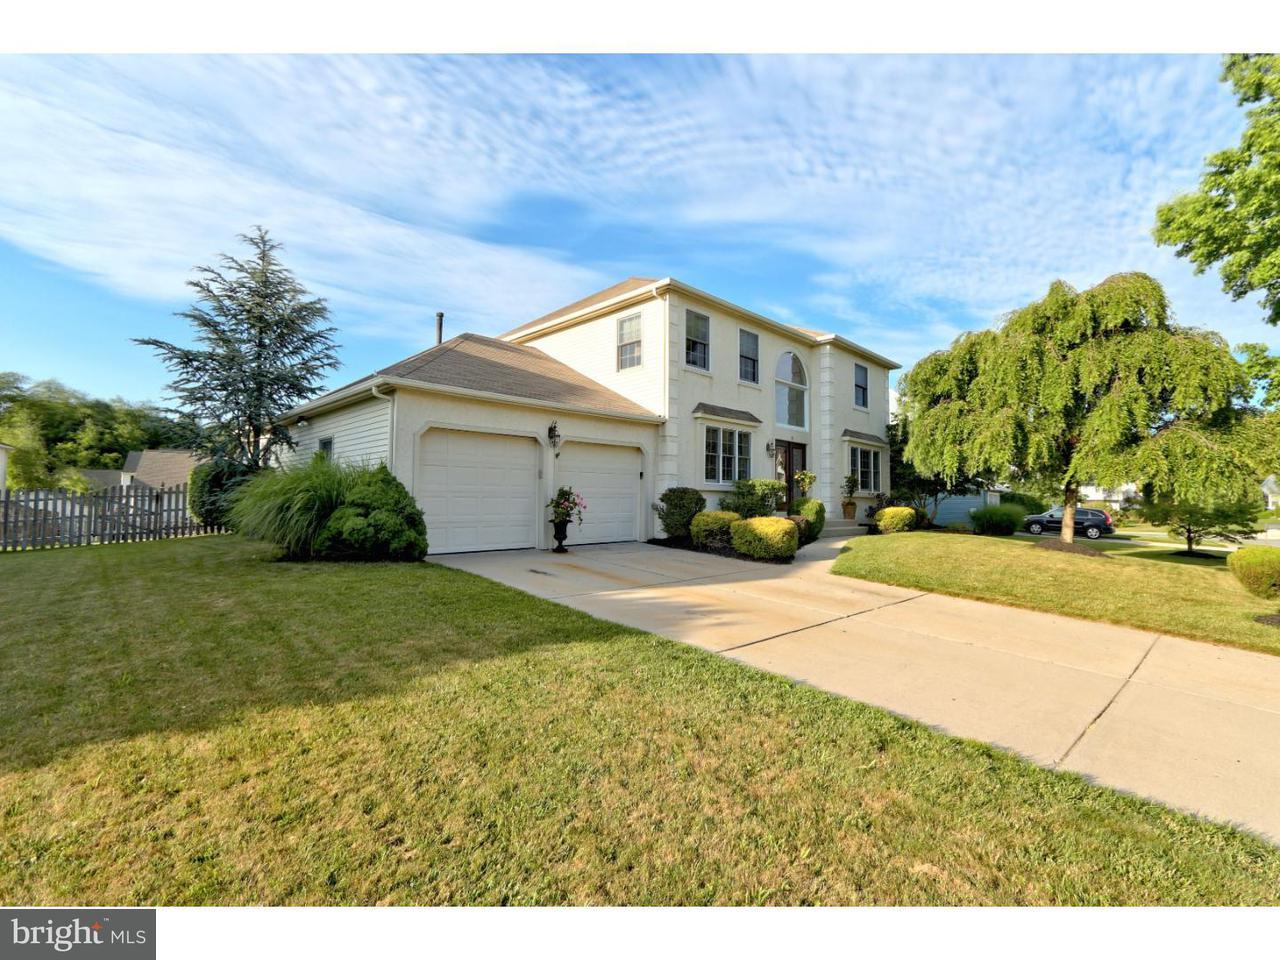 Maison unifamiliale pour l Vente à 31 WASHINGTON Drive Evesham, New Jersey 08053 États-Unis